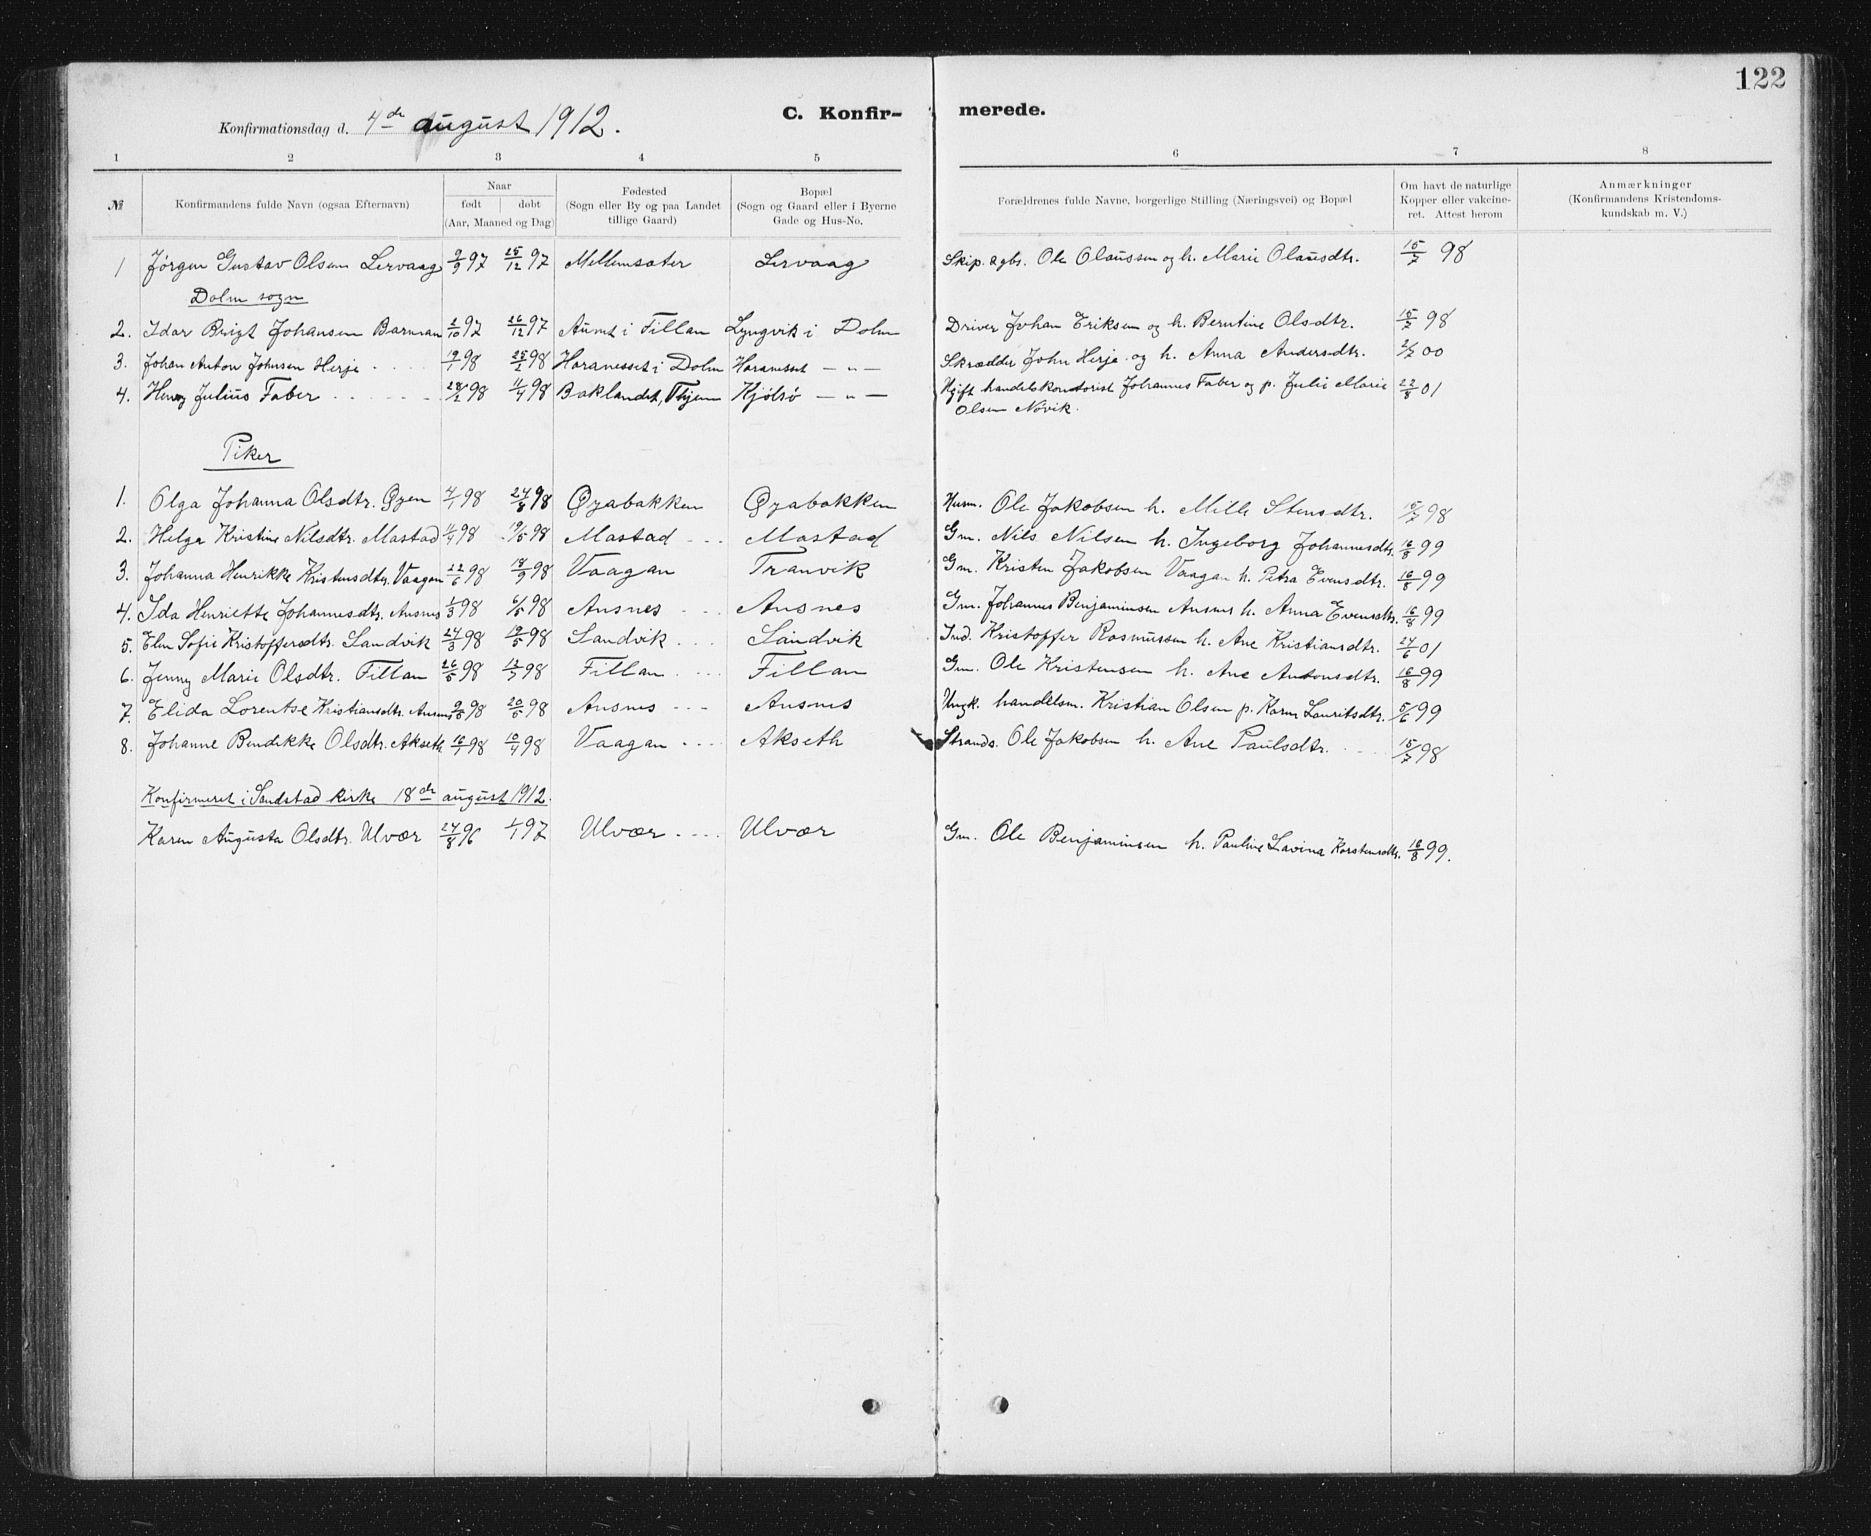 SAT, Ministerialprotokoller, klokkerbøker og fødselsregistre - Sør-Trøndelag, 637/L0563: Klokkerbok nr. 637C04, 1899-1940, s. 122